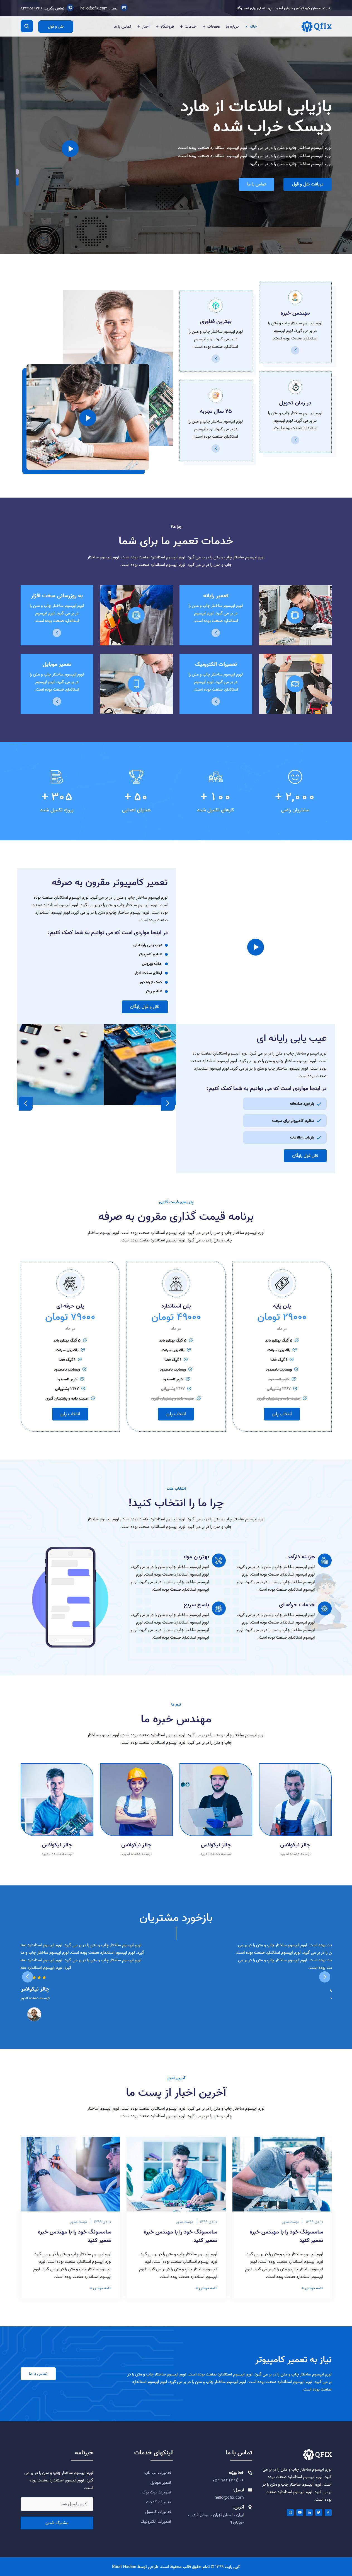 صفحات و ویزگی های قالب HTML شرکتی خدمات تعمیرات الکترونیکی کیوفیکس